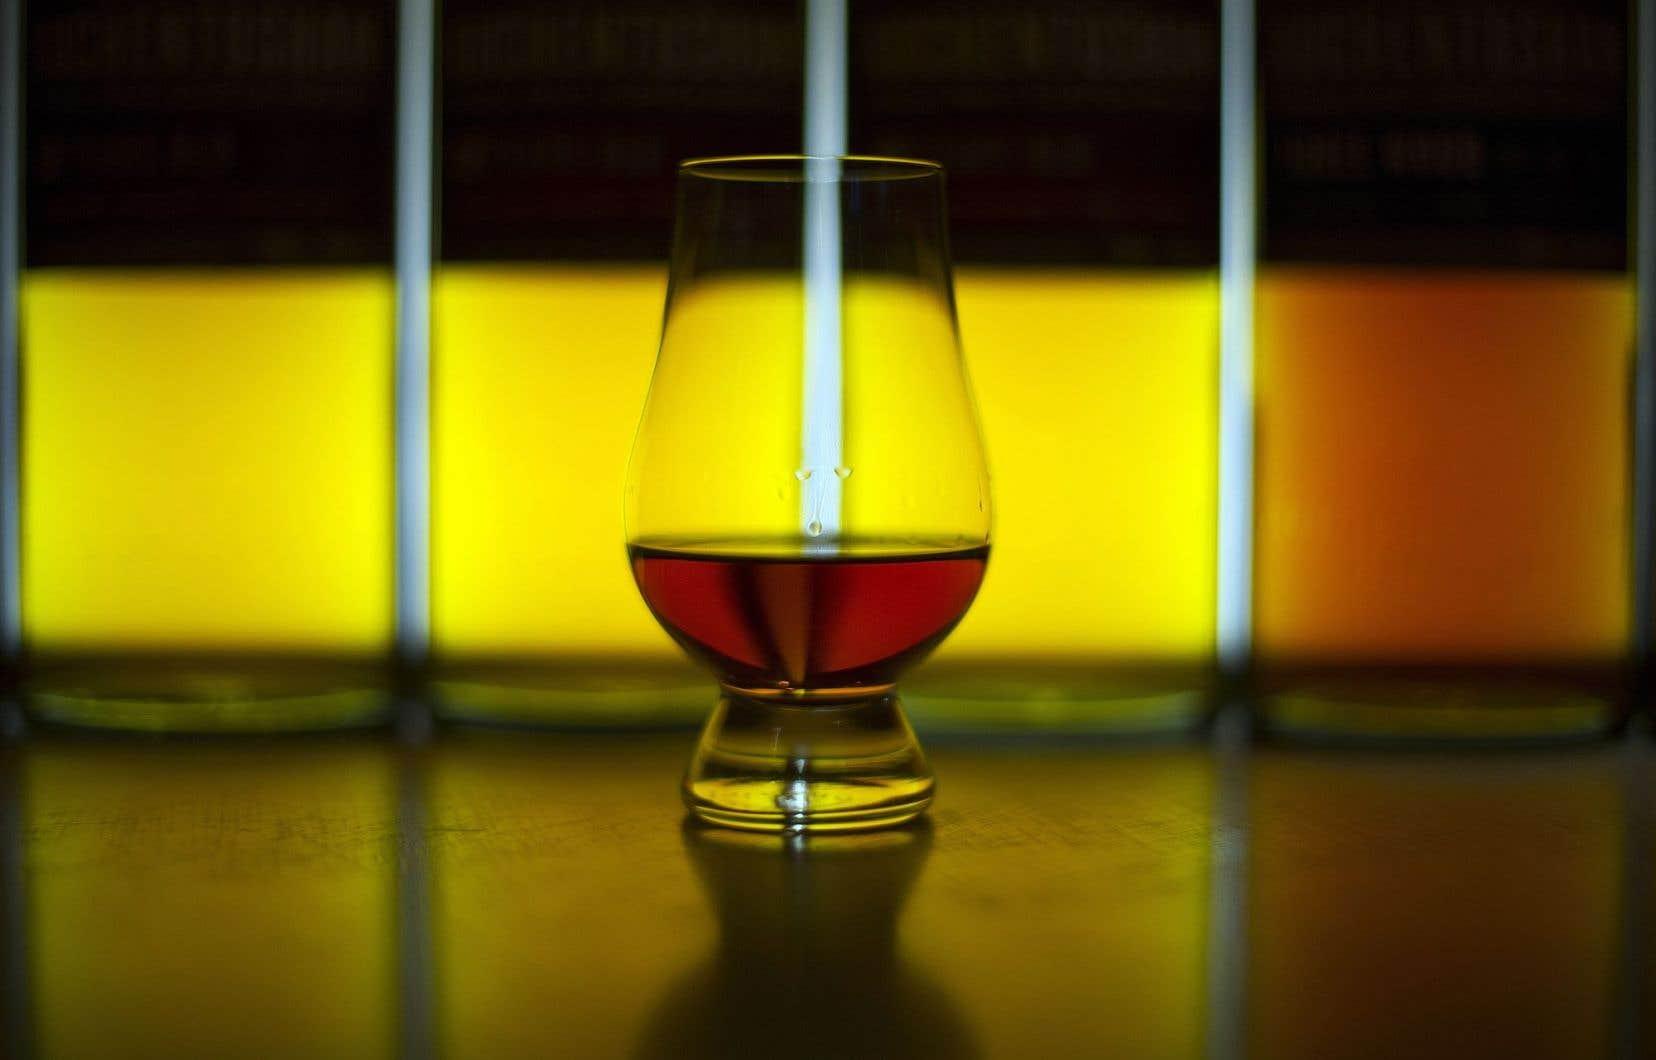 Lorsque vous ajoutez quelques gouttes d'eau dans votre verre de whisky, l'un des agents qui permettent de libérer davantage les arômes du whisky pourrait bien être le guaïacol.